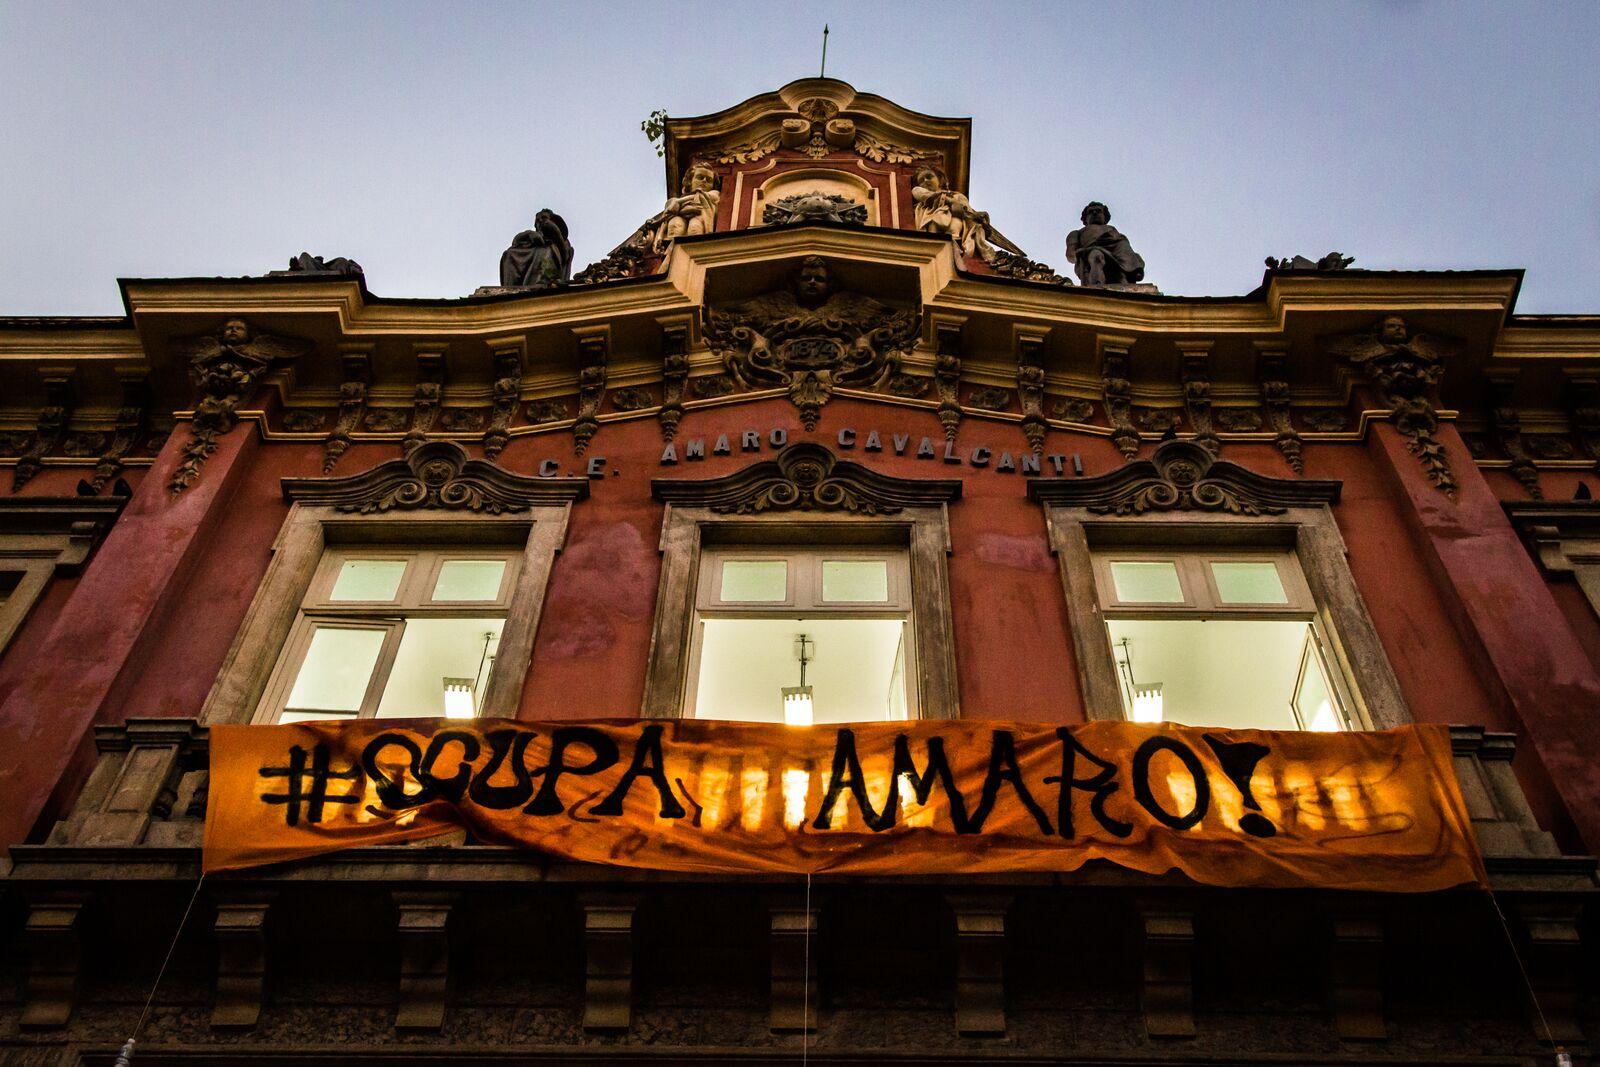 Ocupação da Escola Amaro Cavalcanti, no Largo do Machado